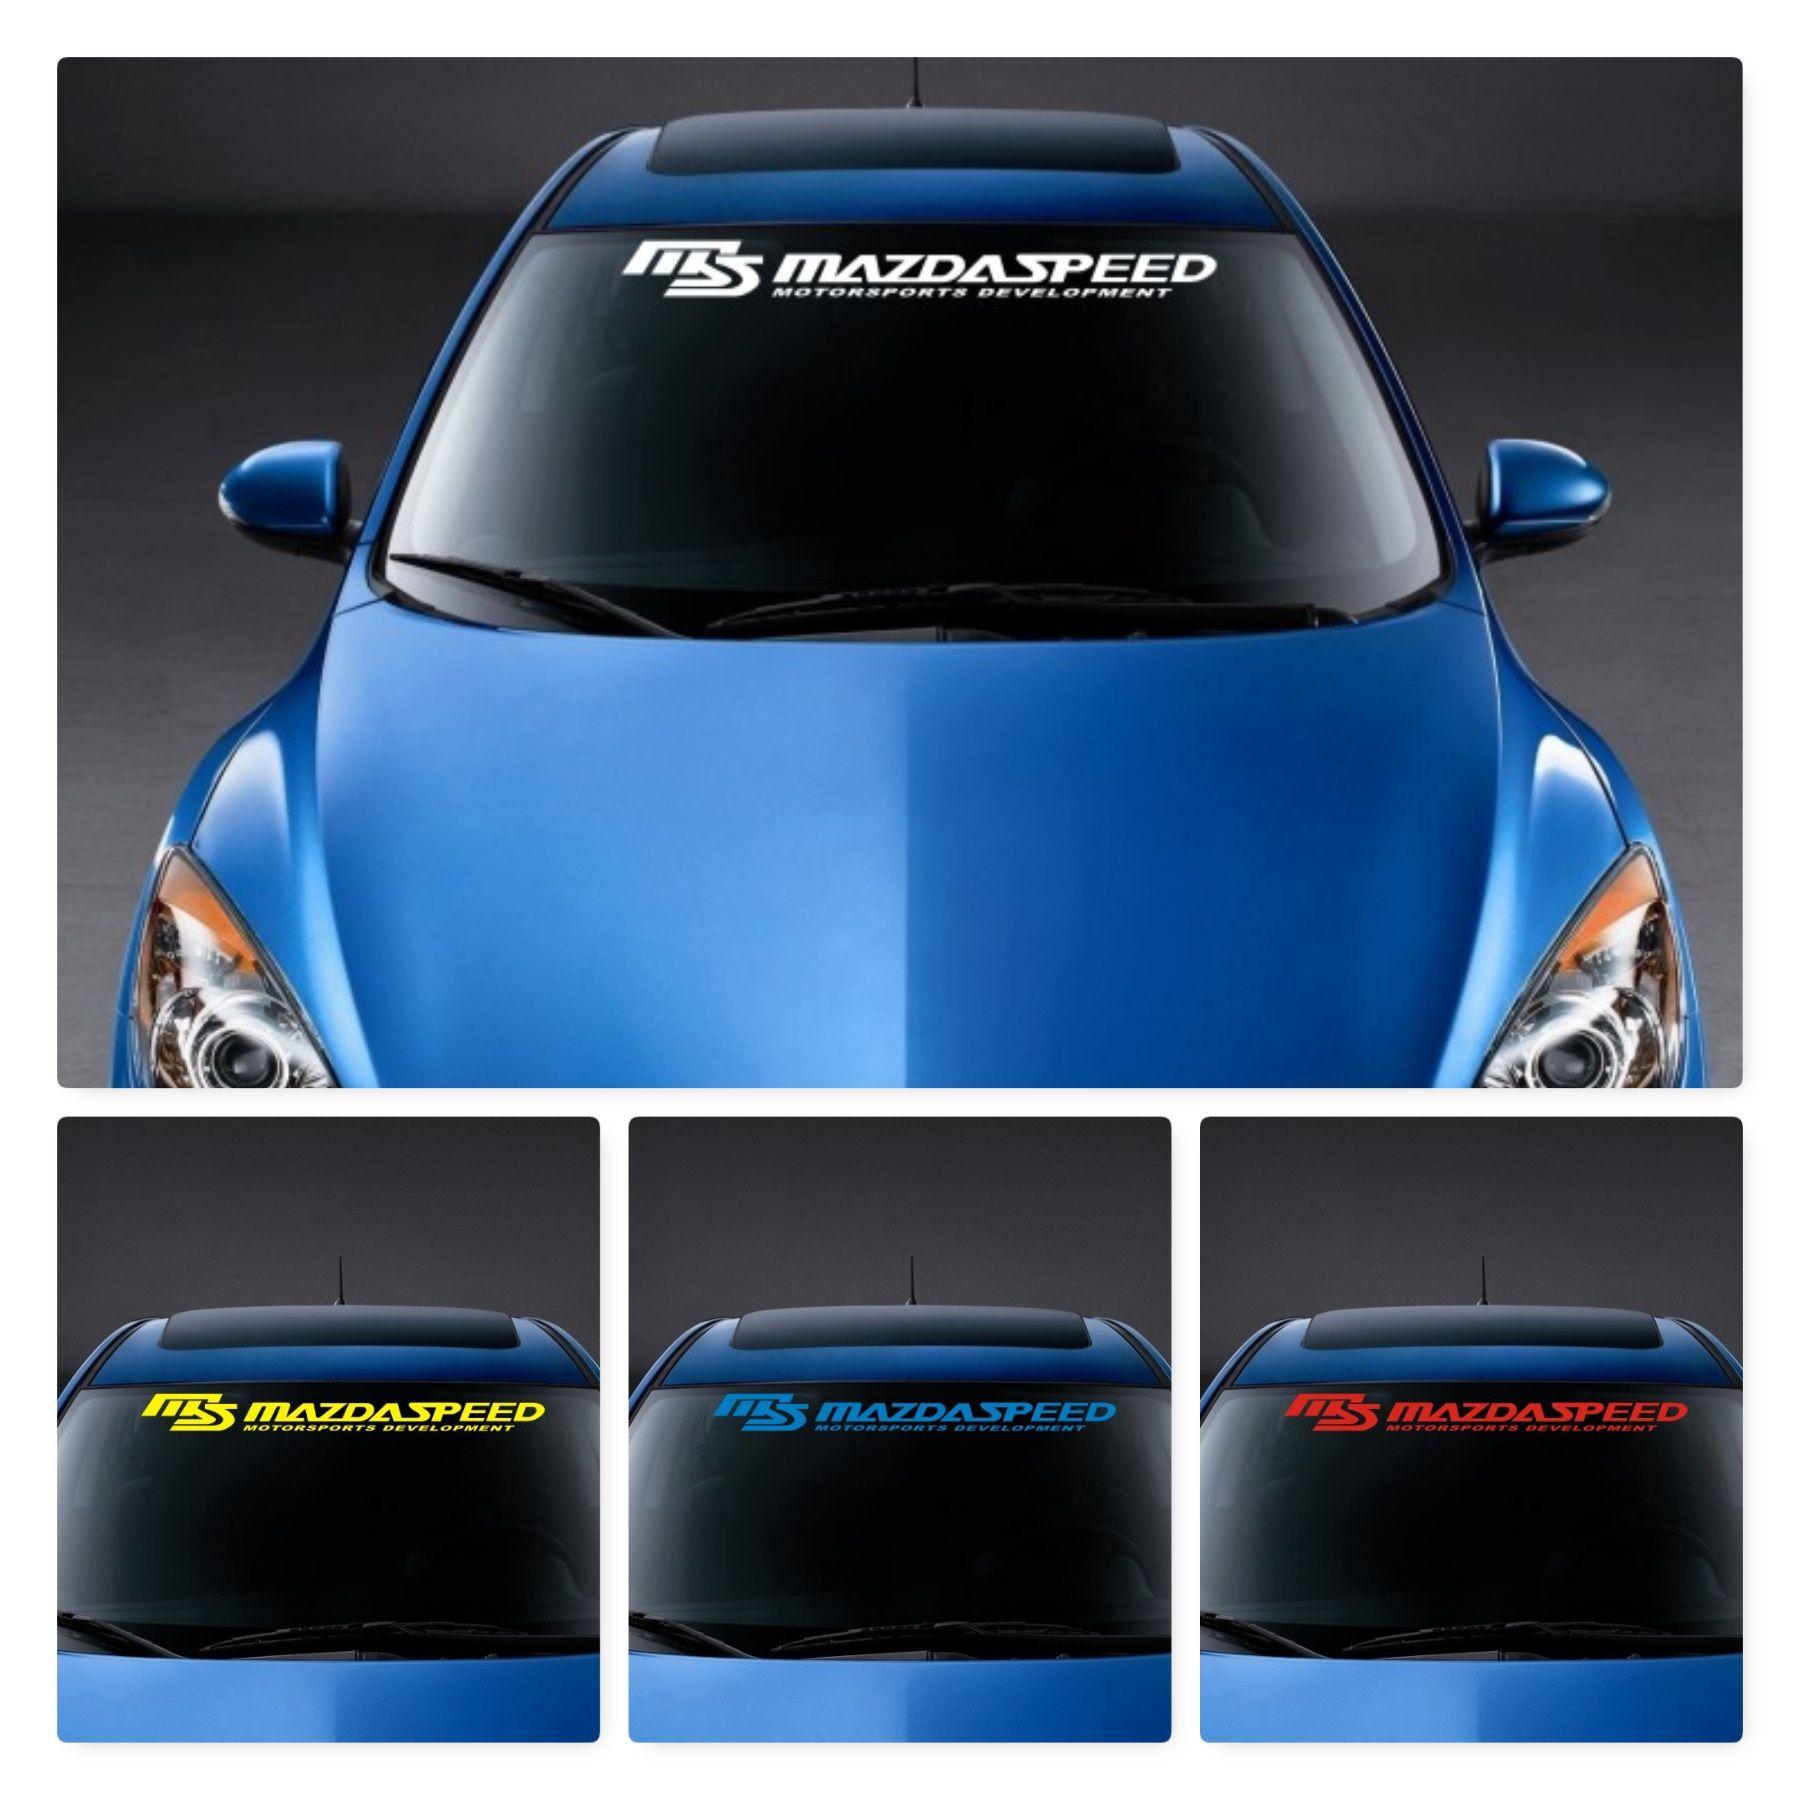 Mazda Front Window Sticker Ms Mazdaspeed Vinyl Decals Window Stickers Vinyl Decal Stickers [ 1800 x 1800 Pixel ]